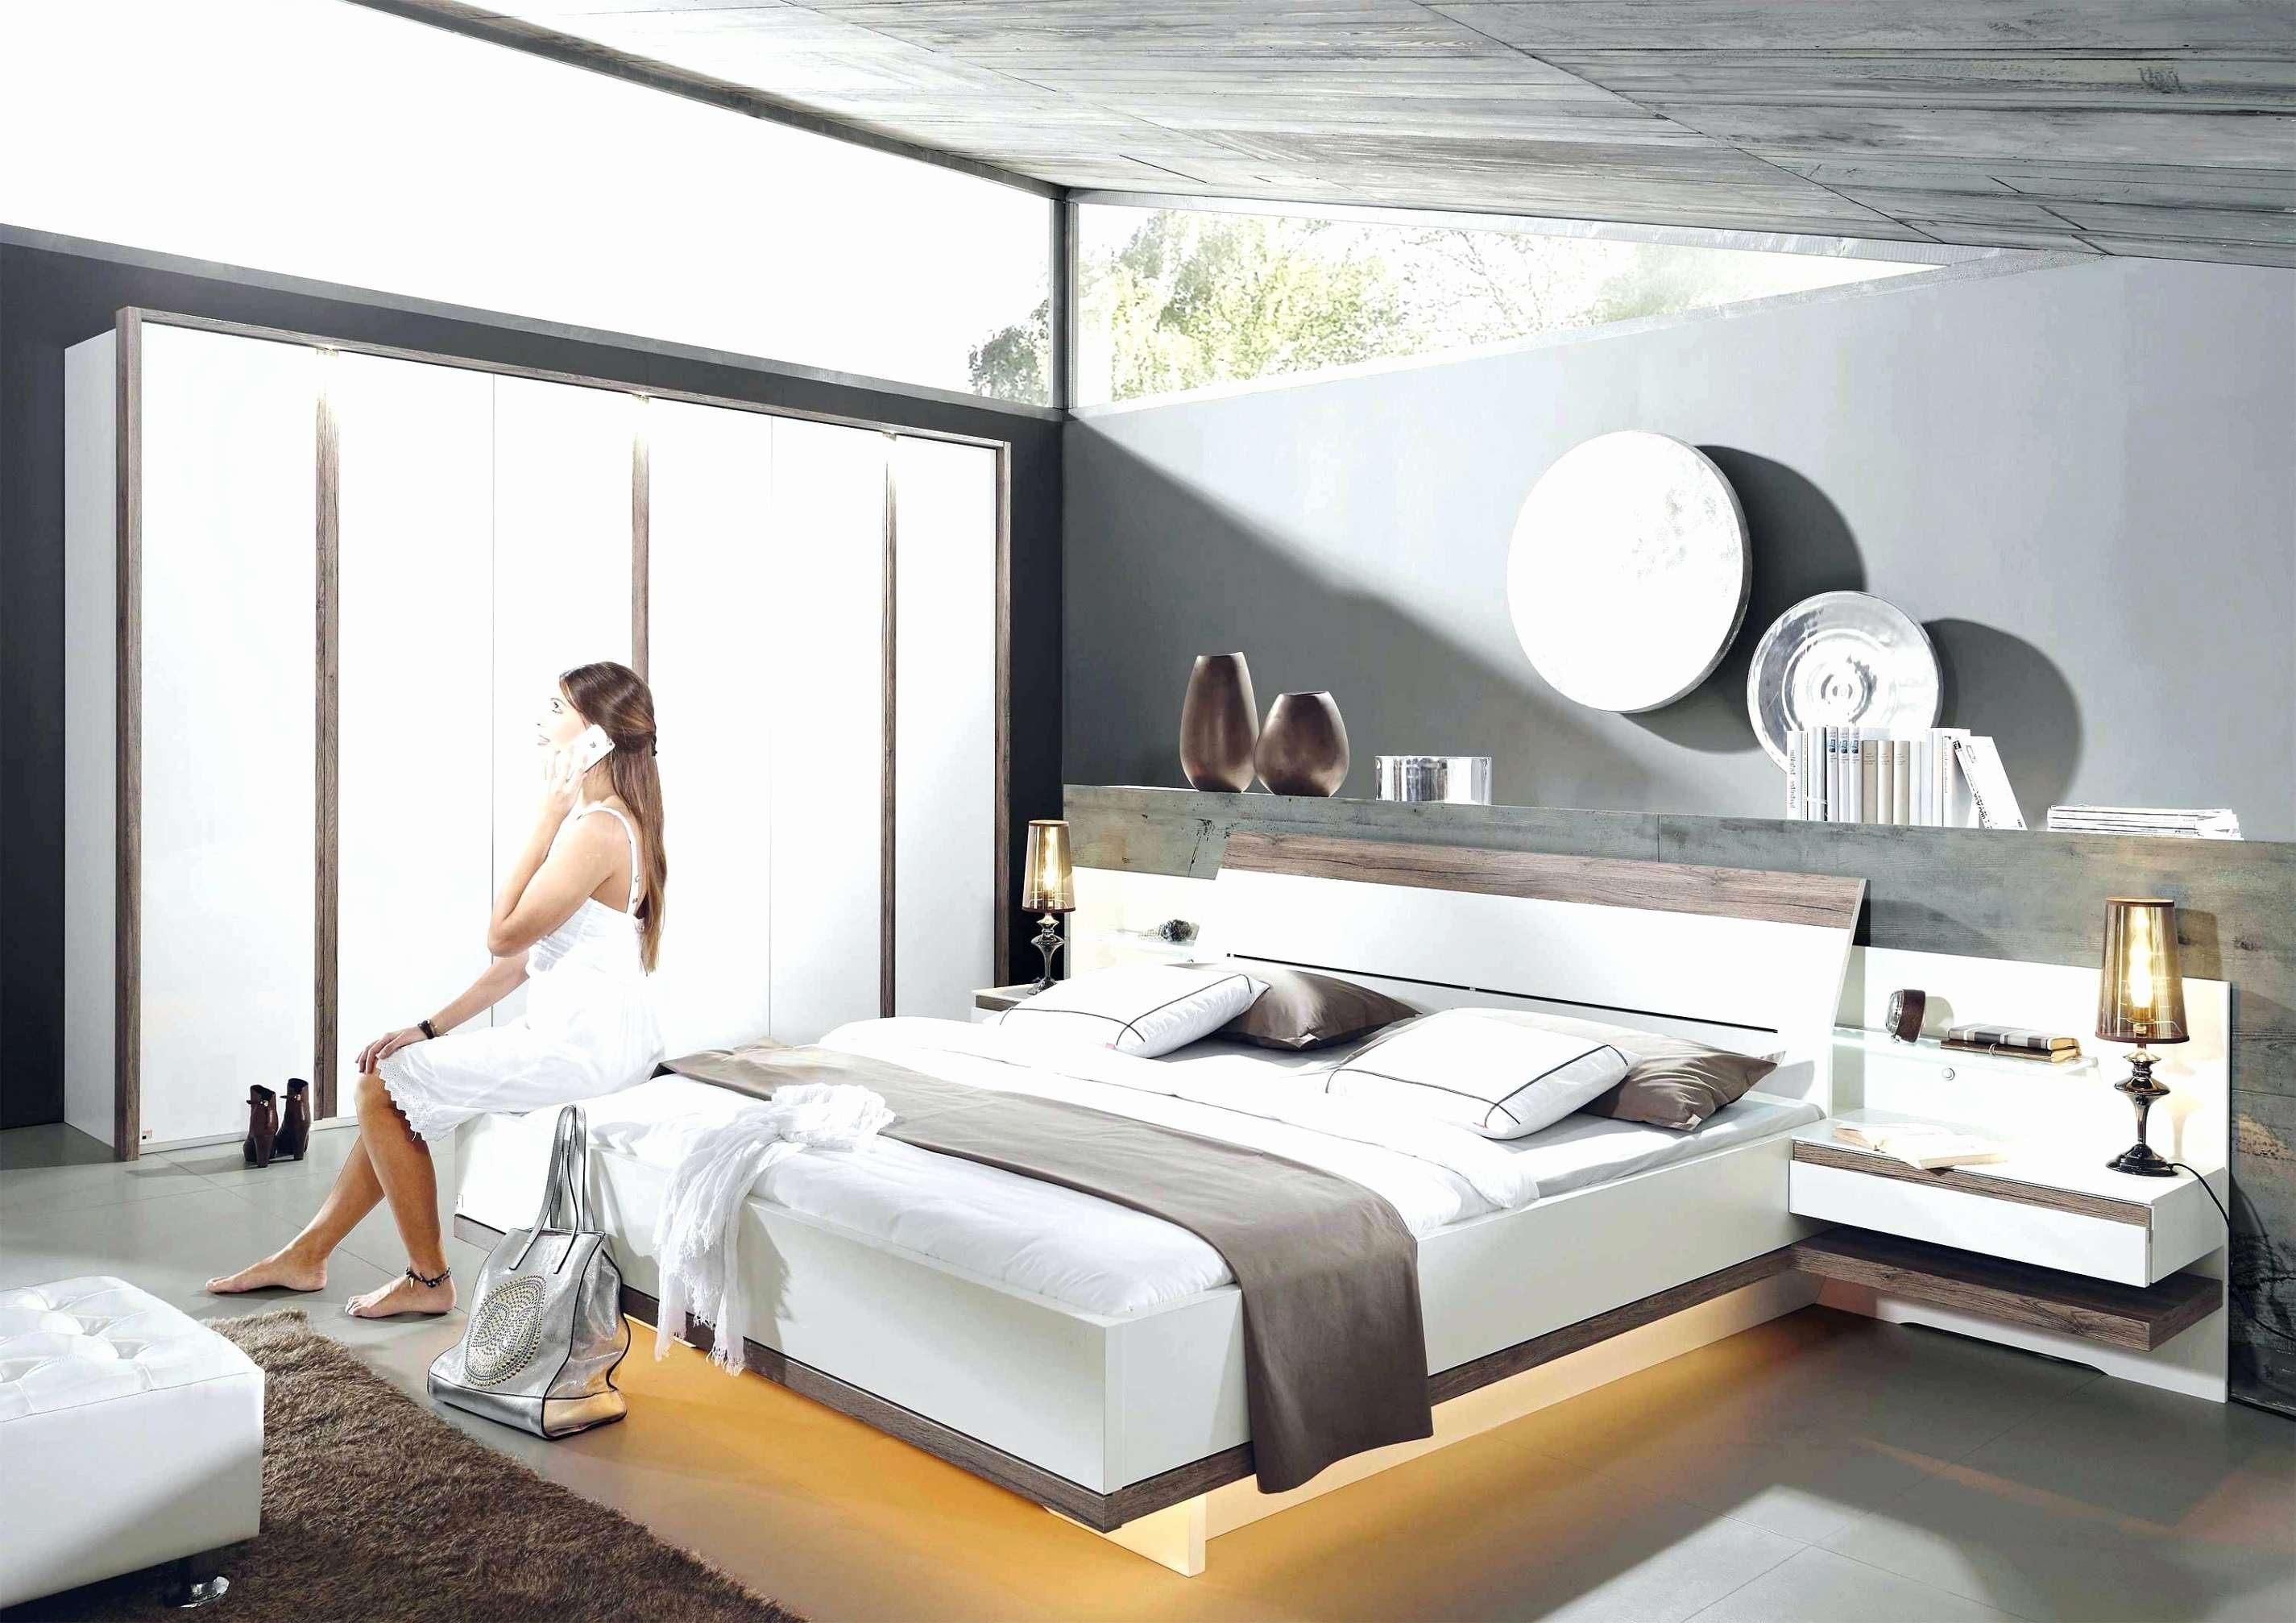 Lit Ikea 160×200 Charmant Lit En 160—200 Ikea Bedden 160 X 200 Luxe Bett Ikea 200—200 Schön